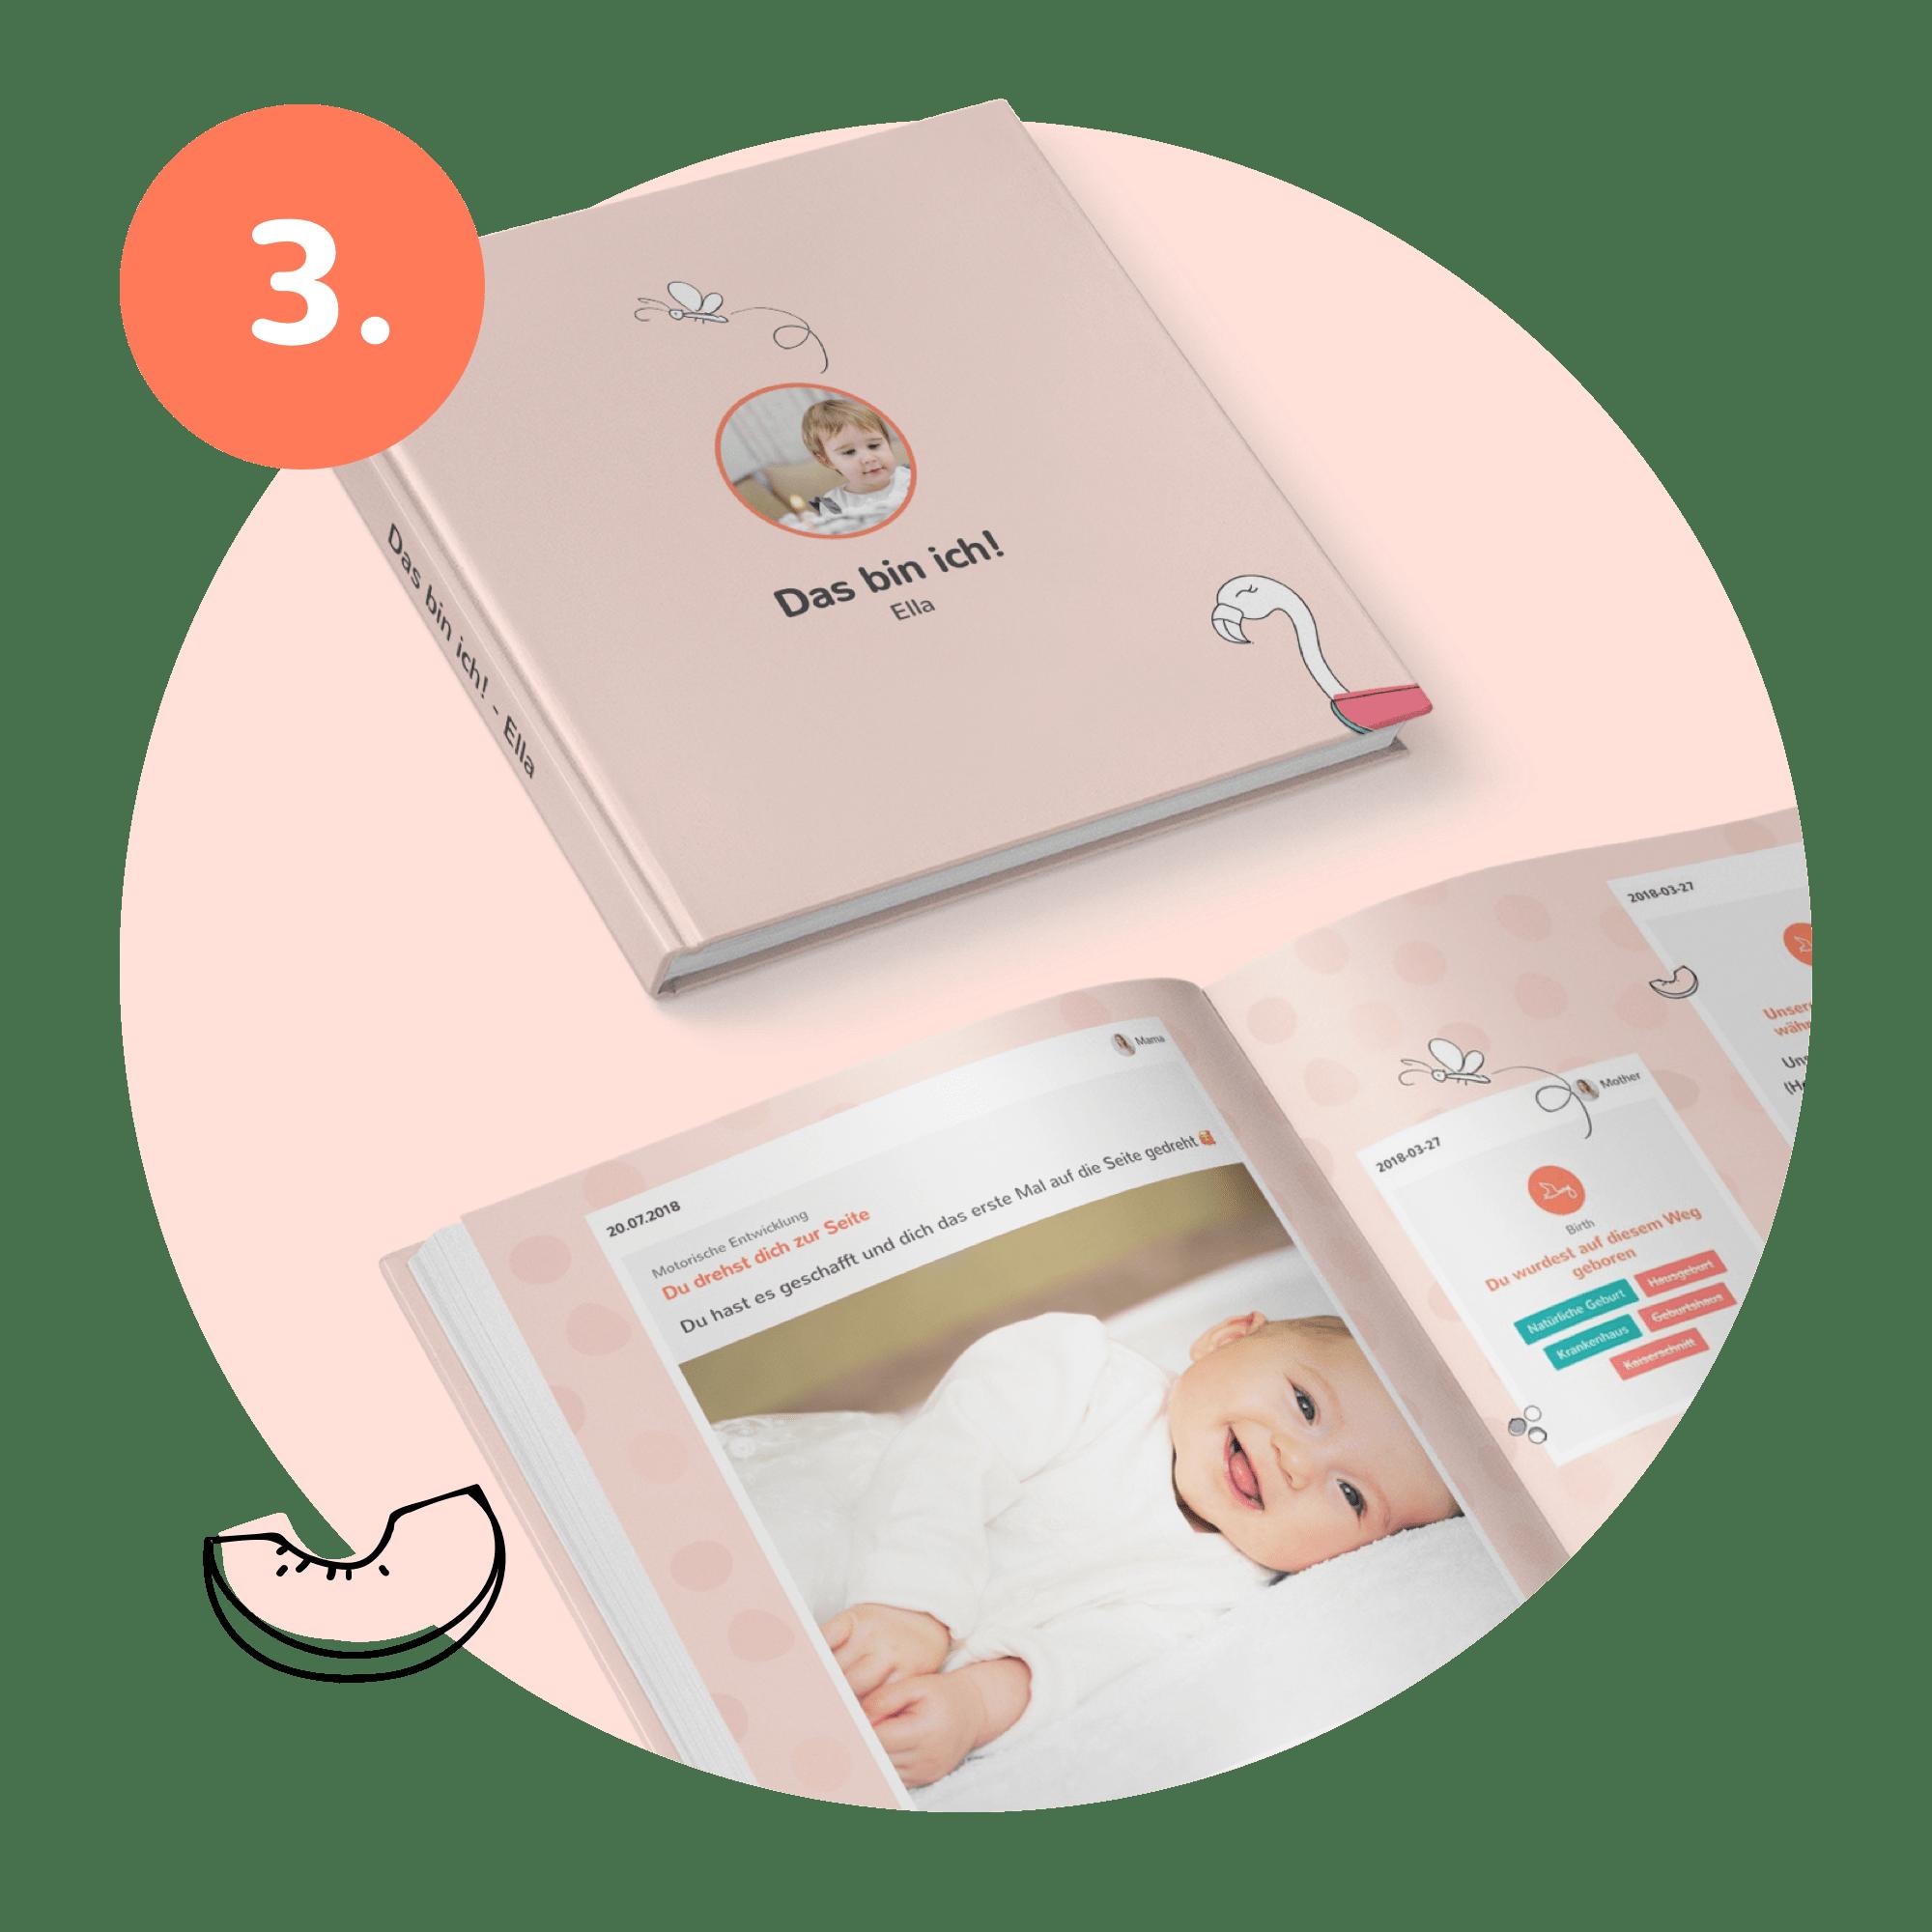 Druck des selbst designten Erinnerungsbuches